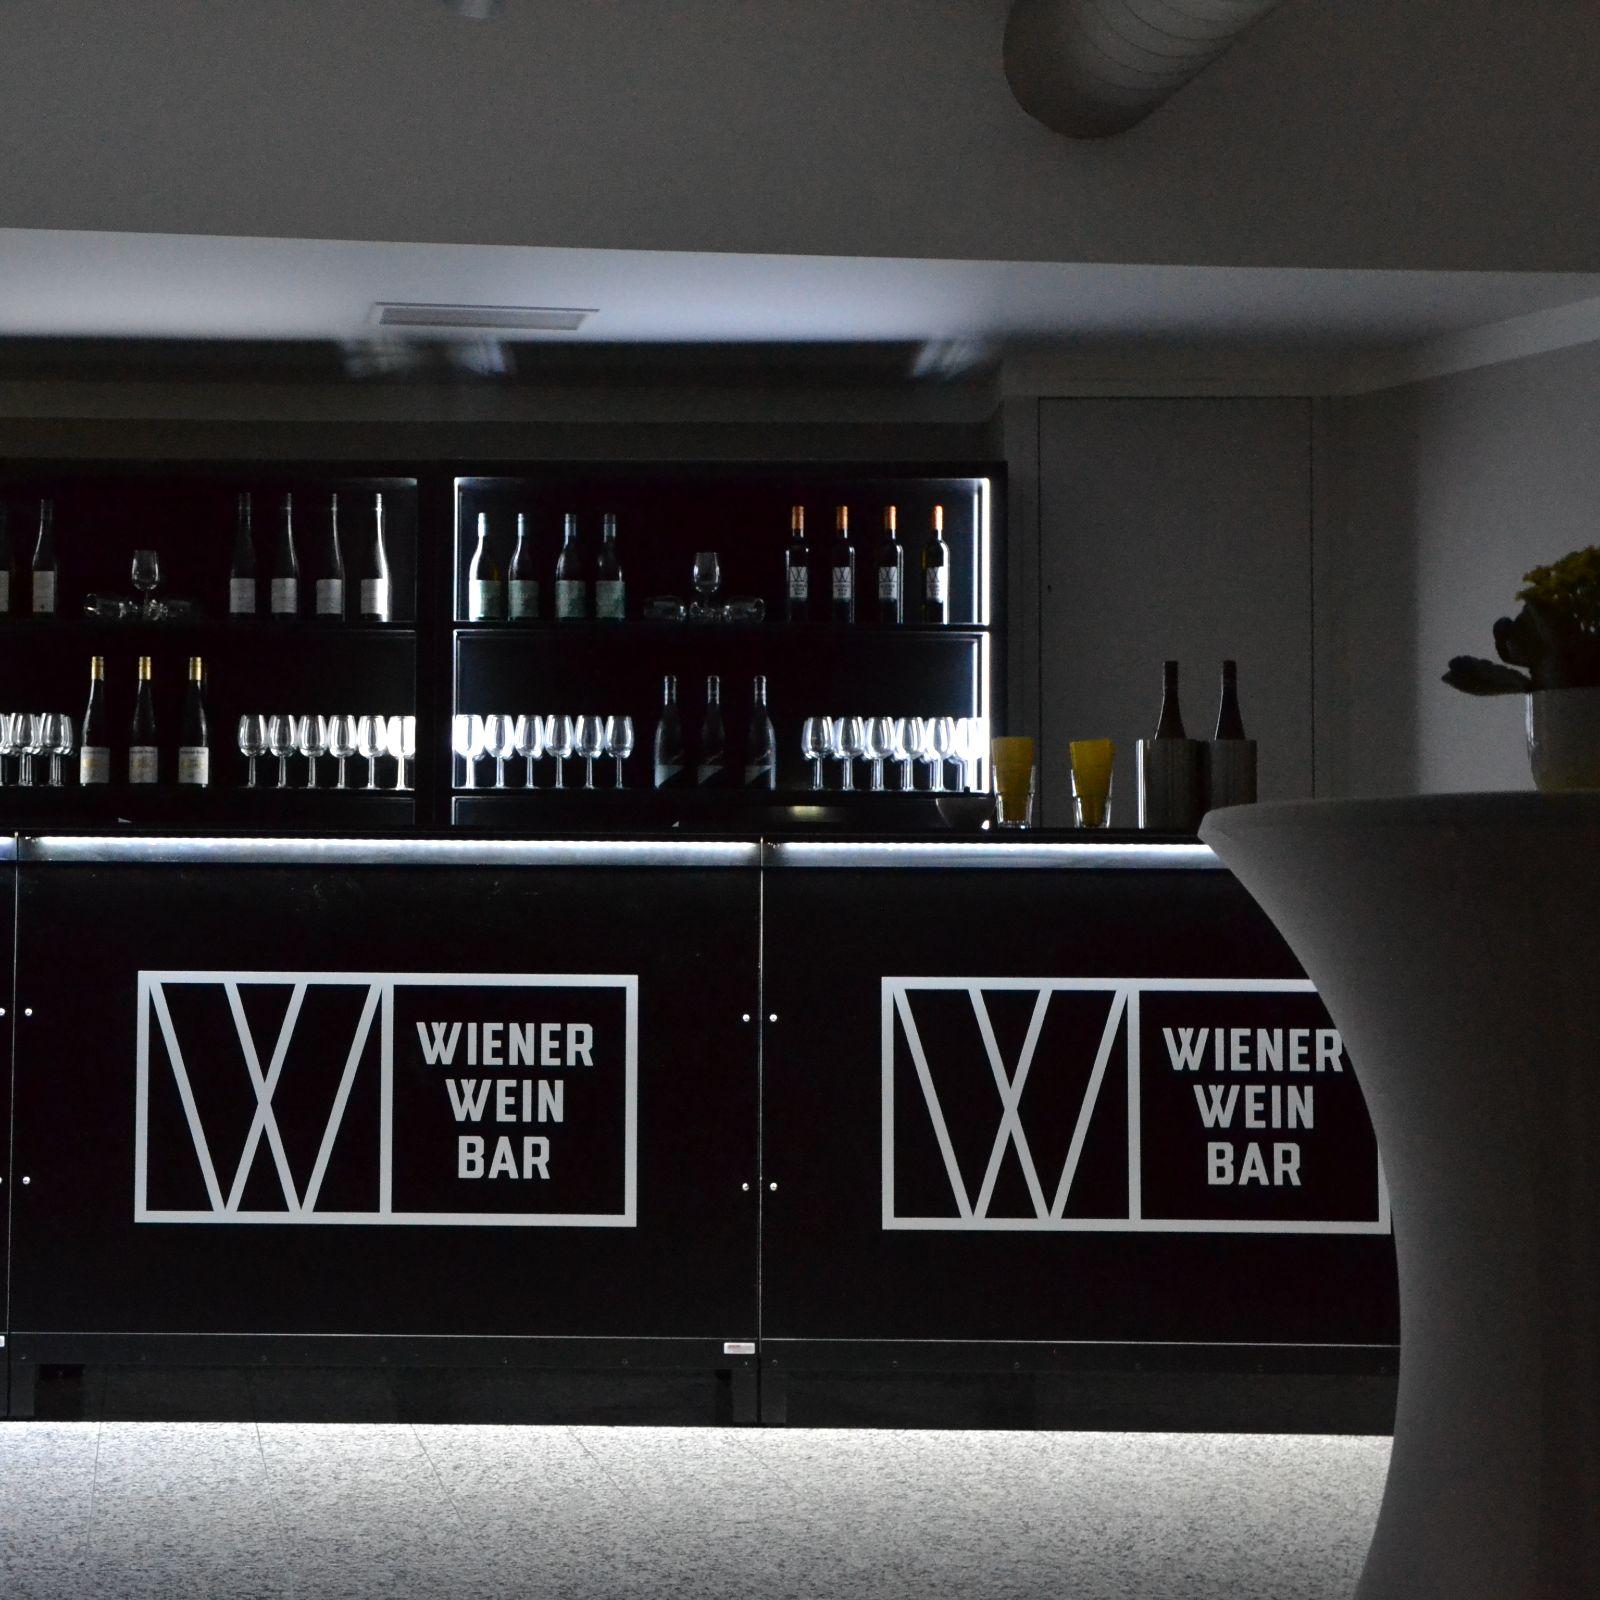 Wiener Wein Bar